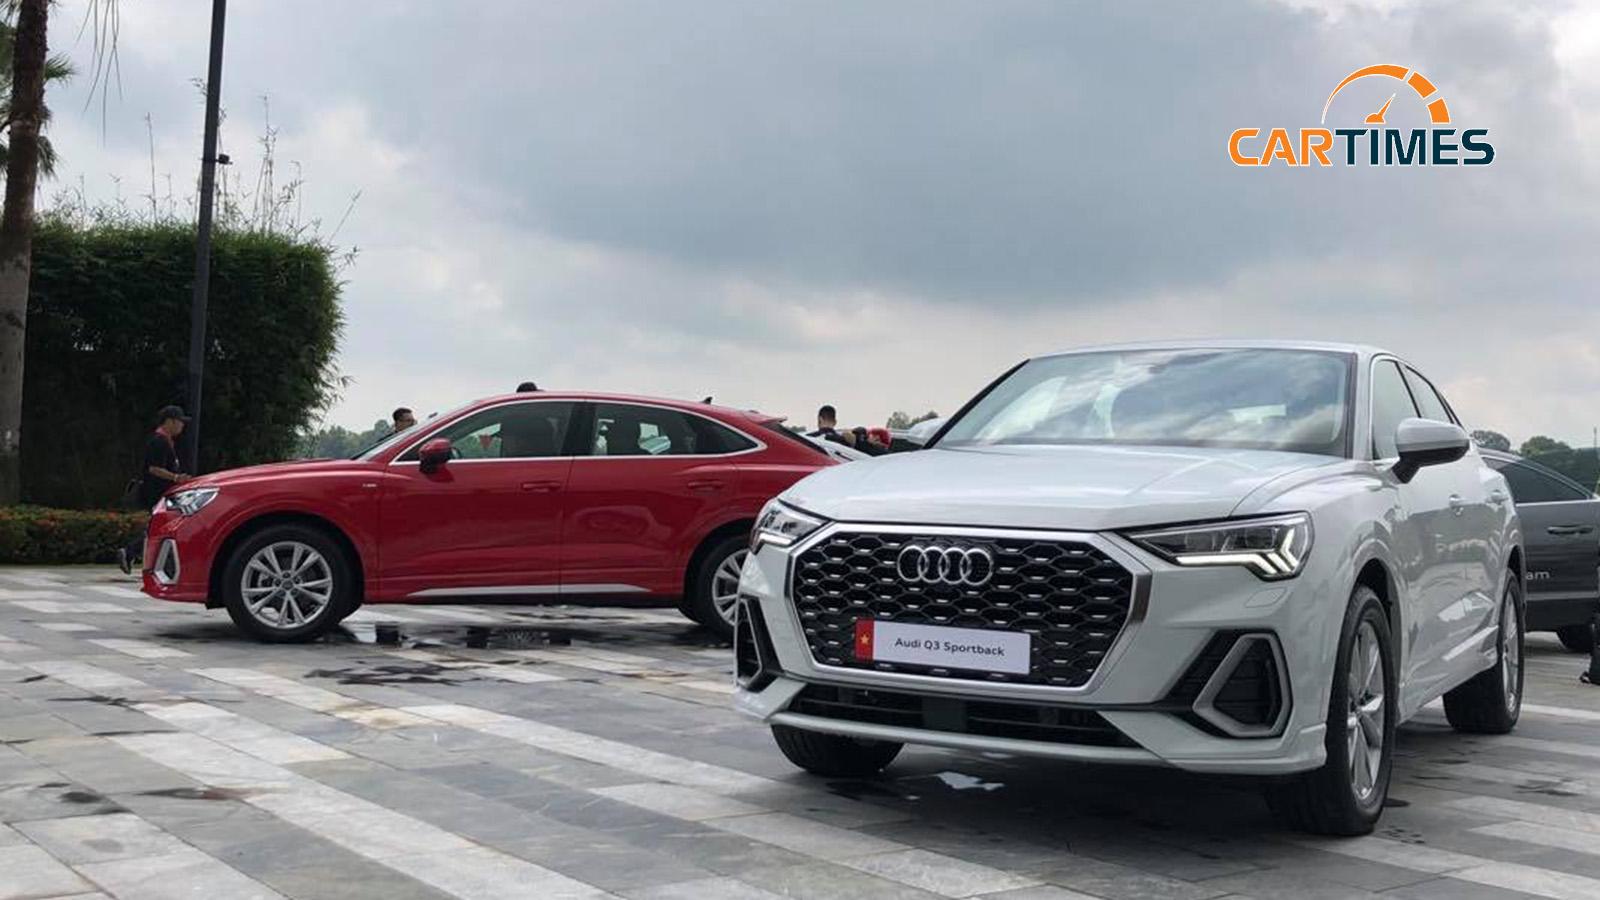 Audi Q3 Sportback ra mắt tại Việt Nam, giá bán khiến nhiều người tò mò -1